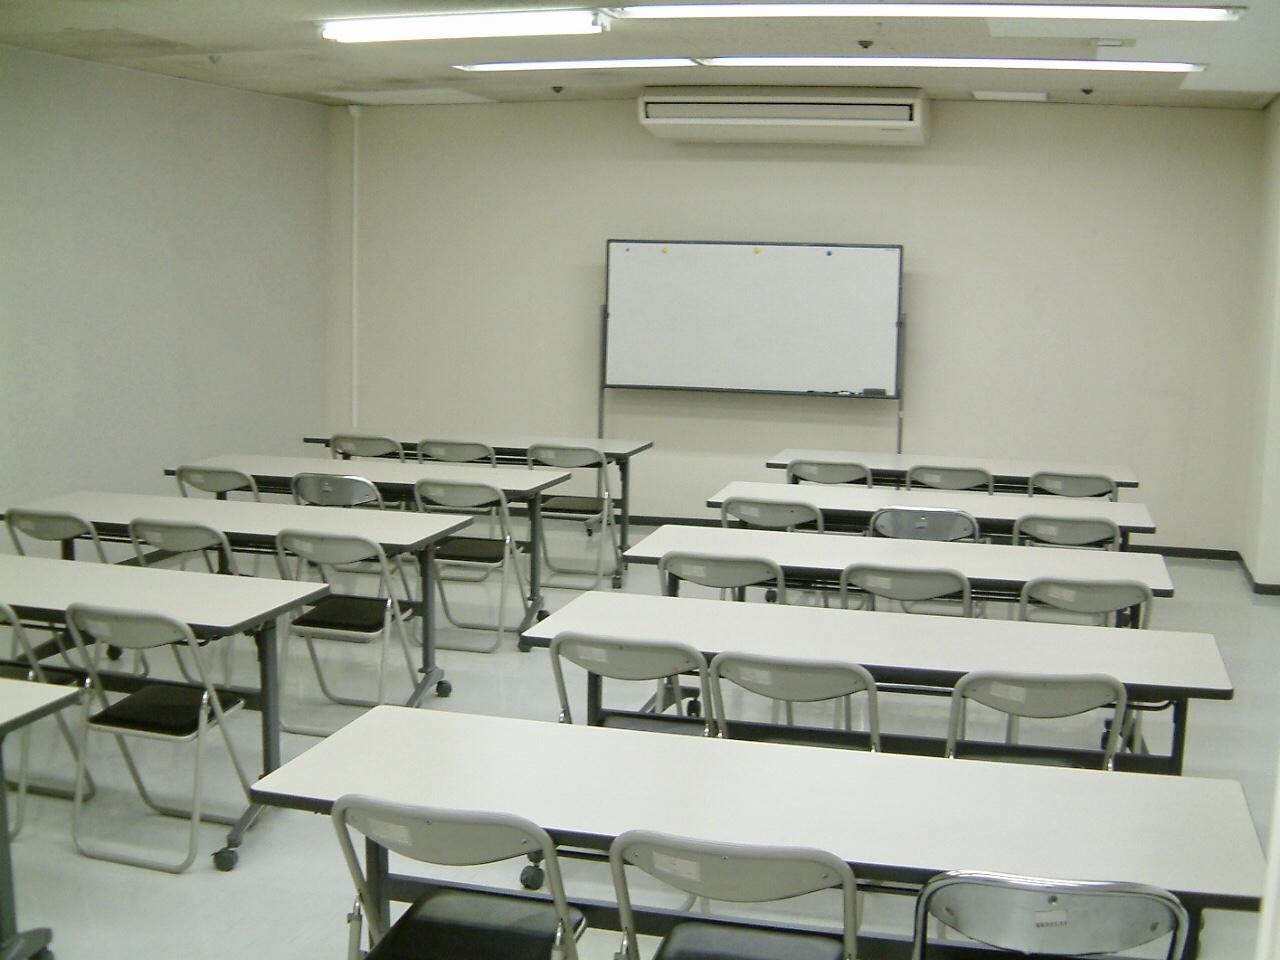 にぎわいプラザ2-1会議室